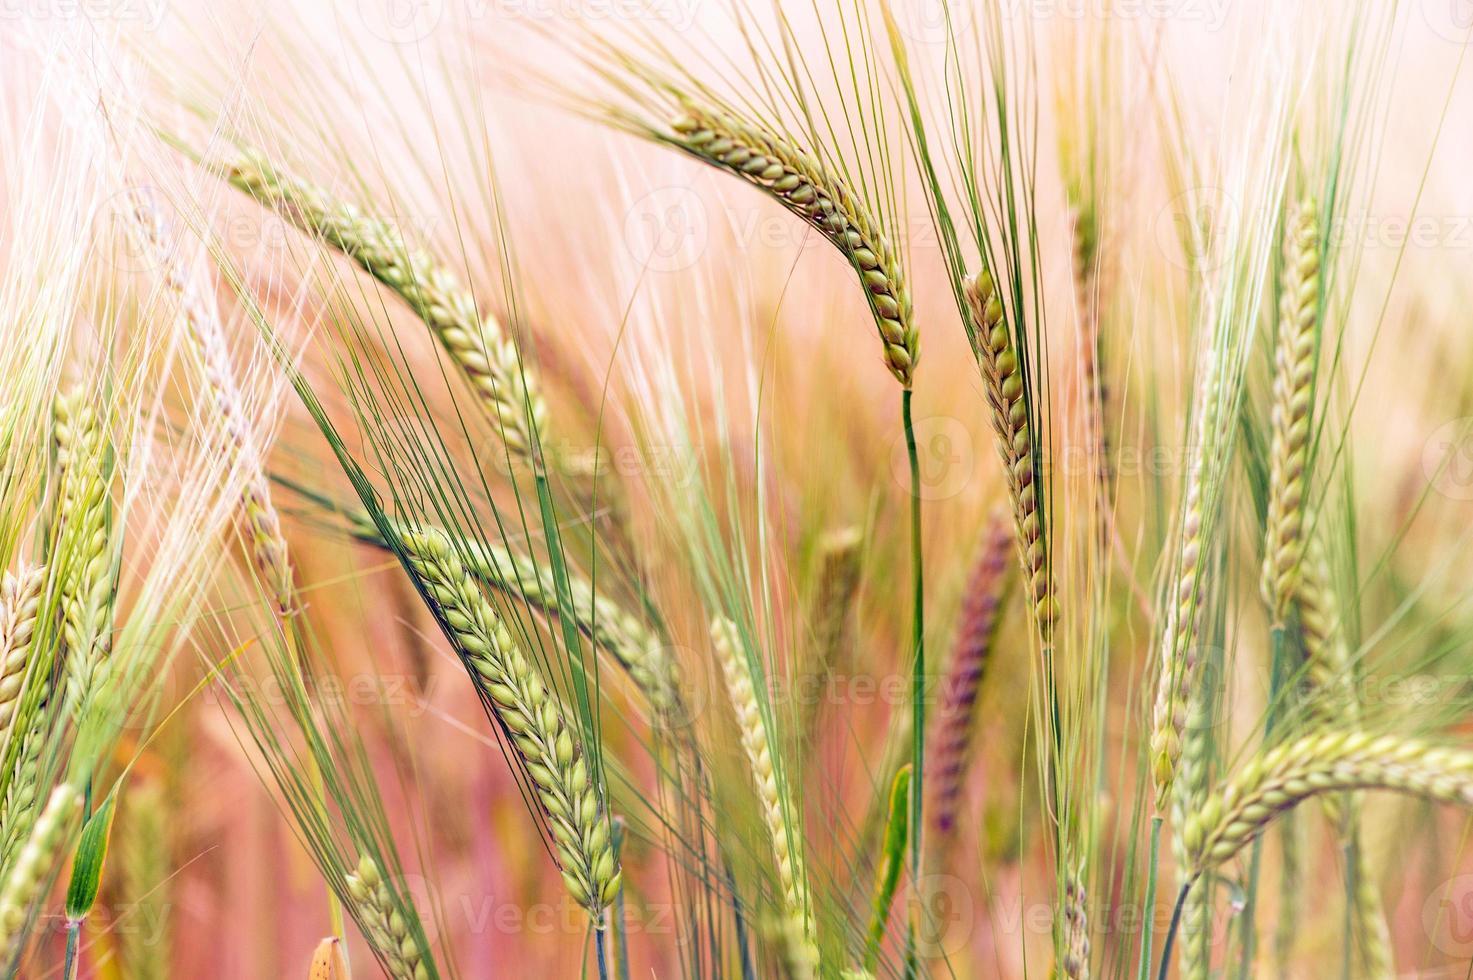 campo de cultivo verde e dourado foto